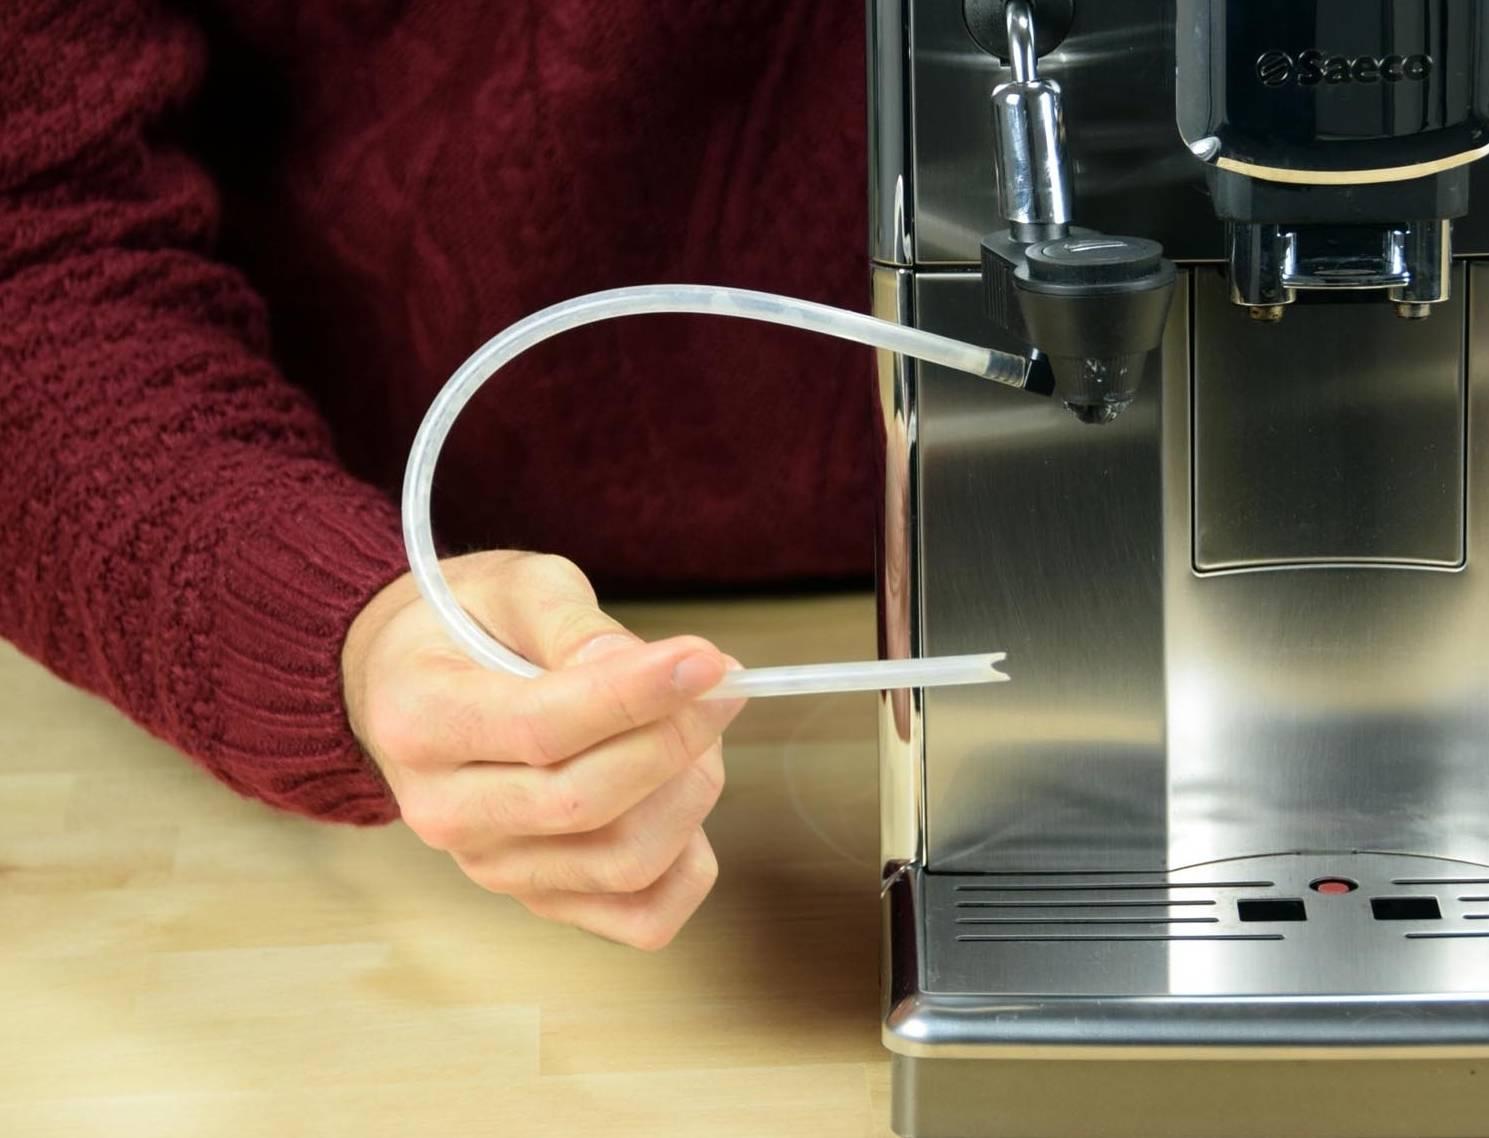 Как почистить кофемашину от накипи лимонной кислотой в домашних условиях